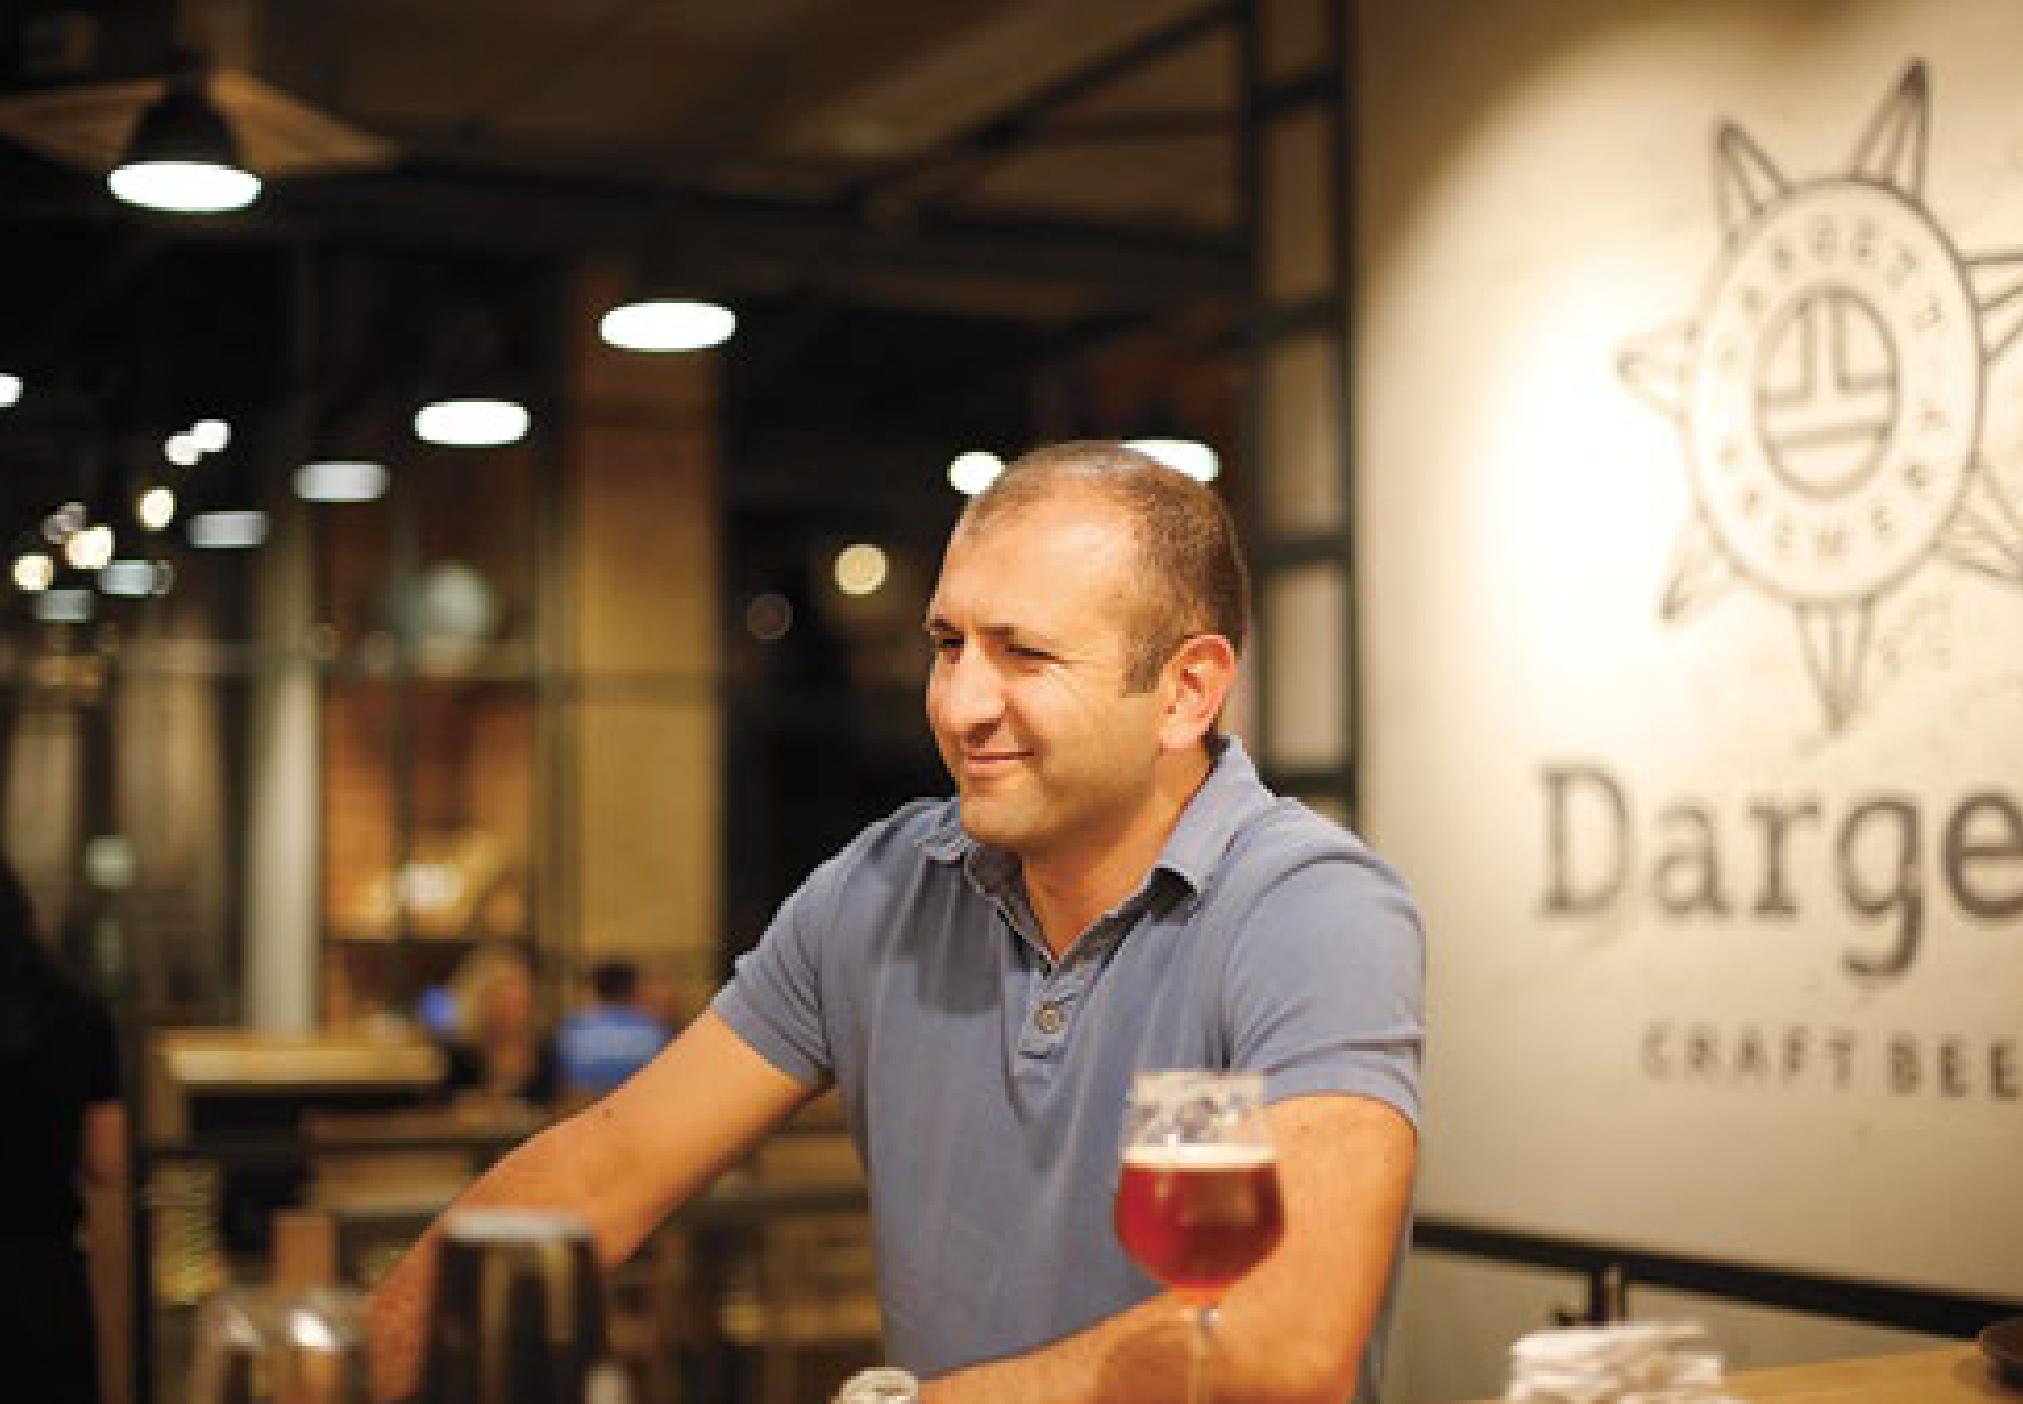 Dargett co-Founder, Aren Durgarian